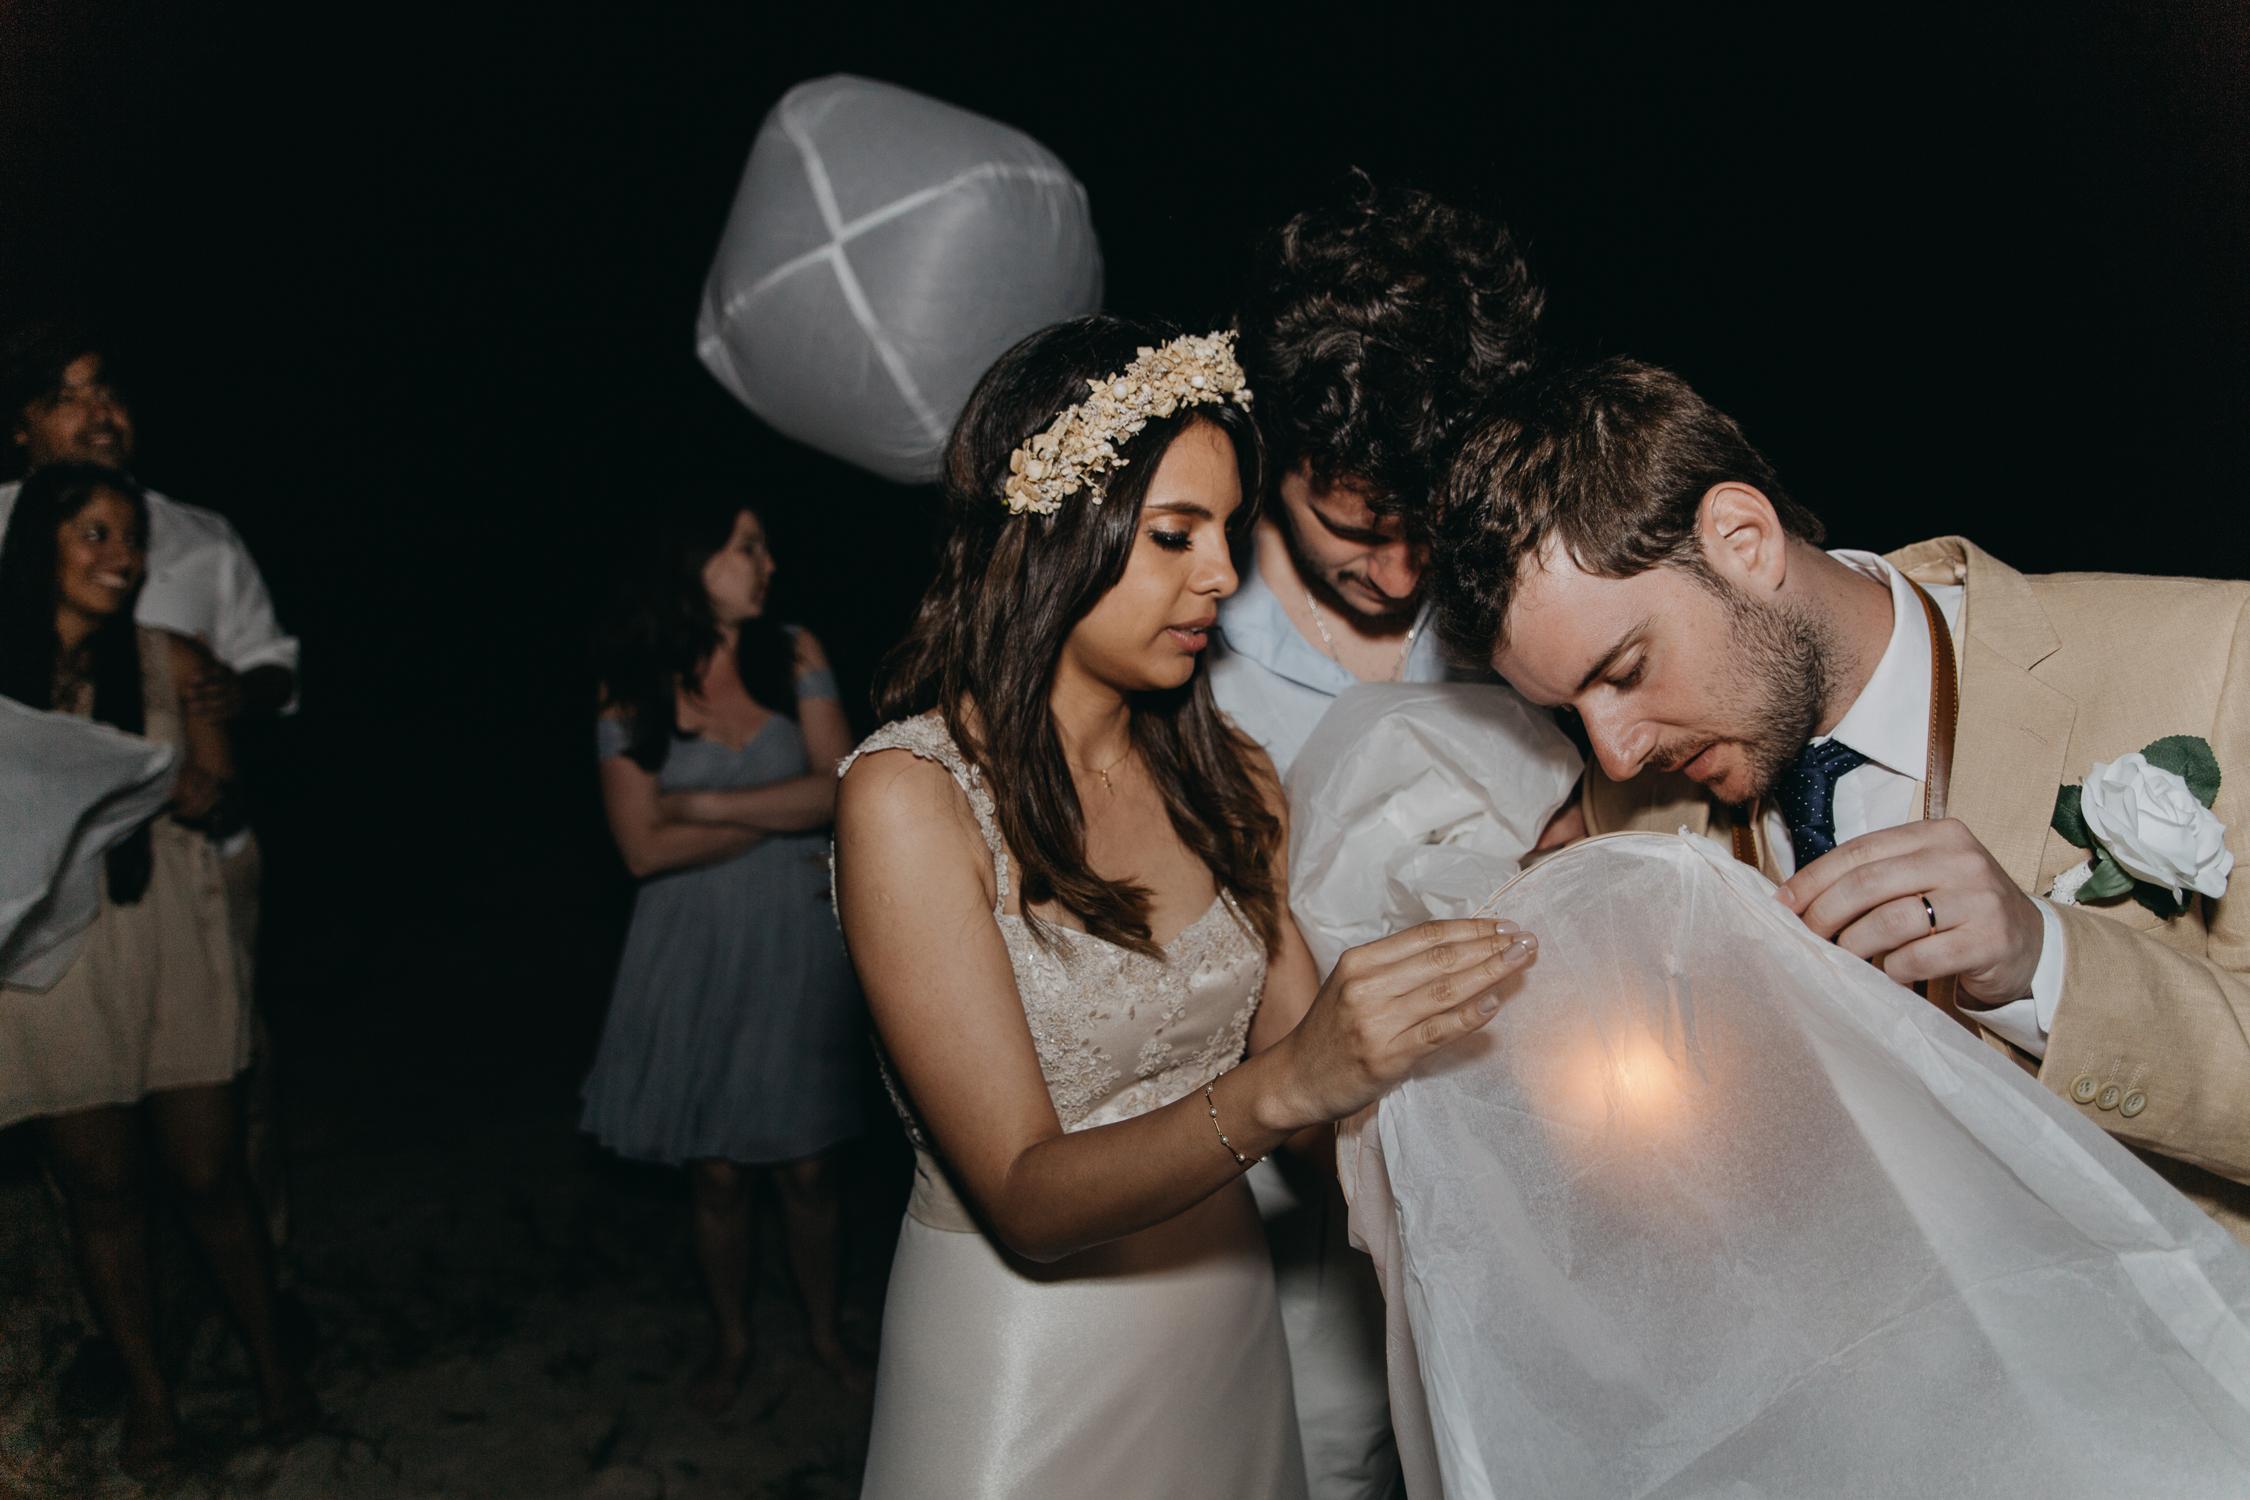 Michelle-Agurto-Fotografia-Bodas-Ecuador-Destination-Wedding-Photographer-Galapagos-Andrea-Joaquin-317.JPG